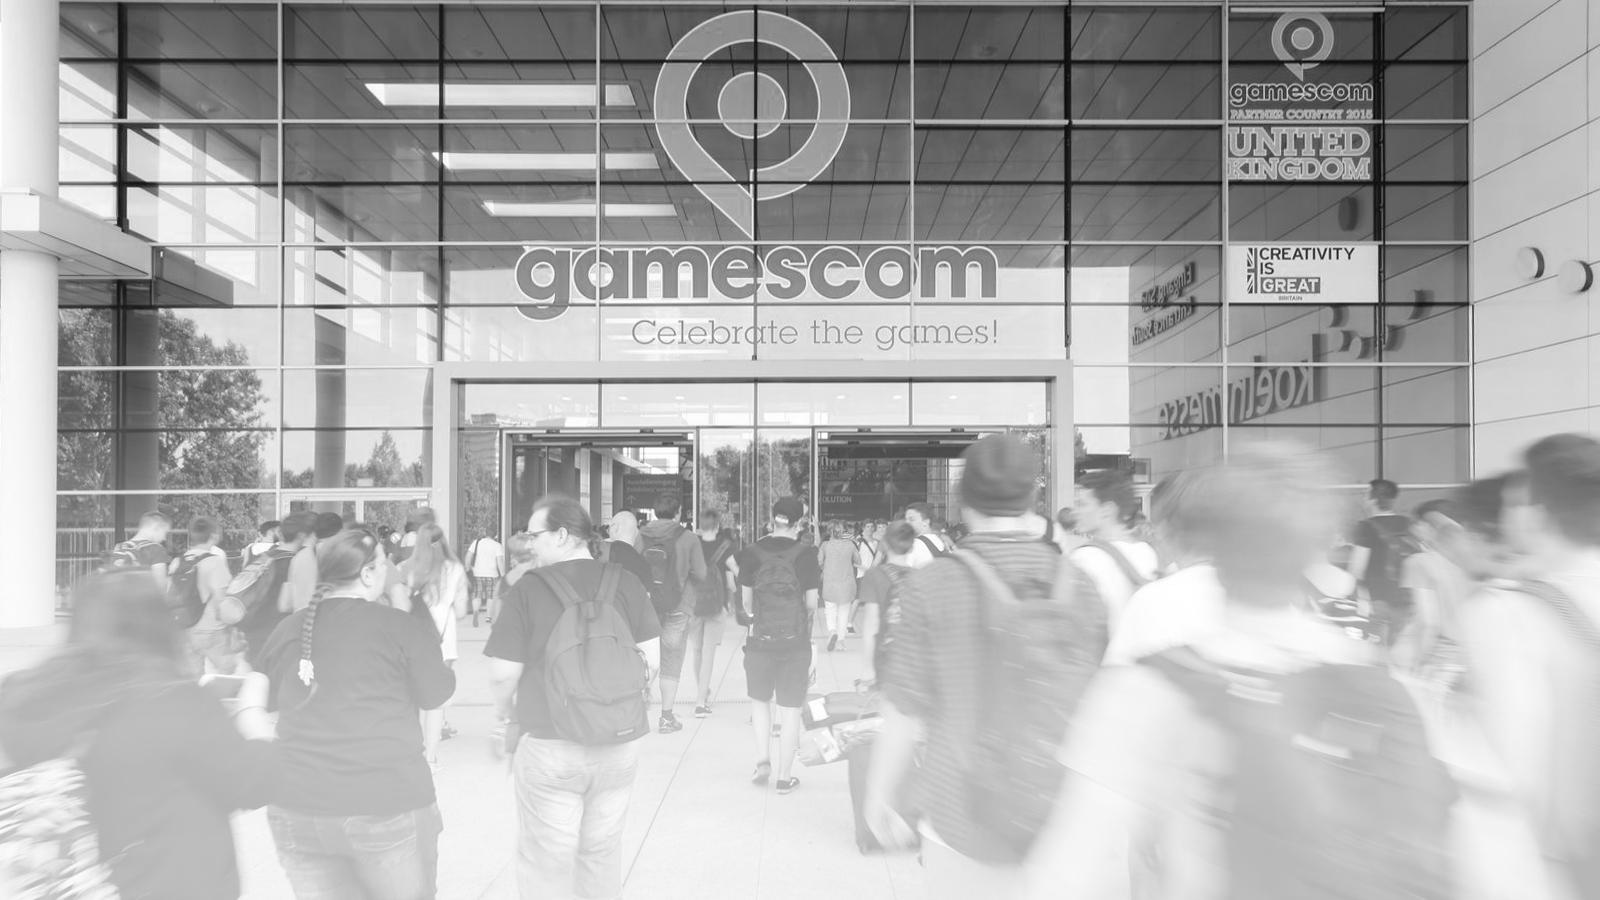 Gamescom_People copy